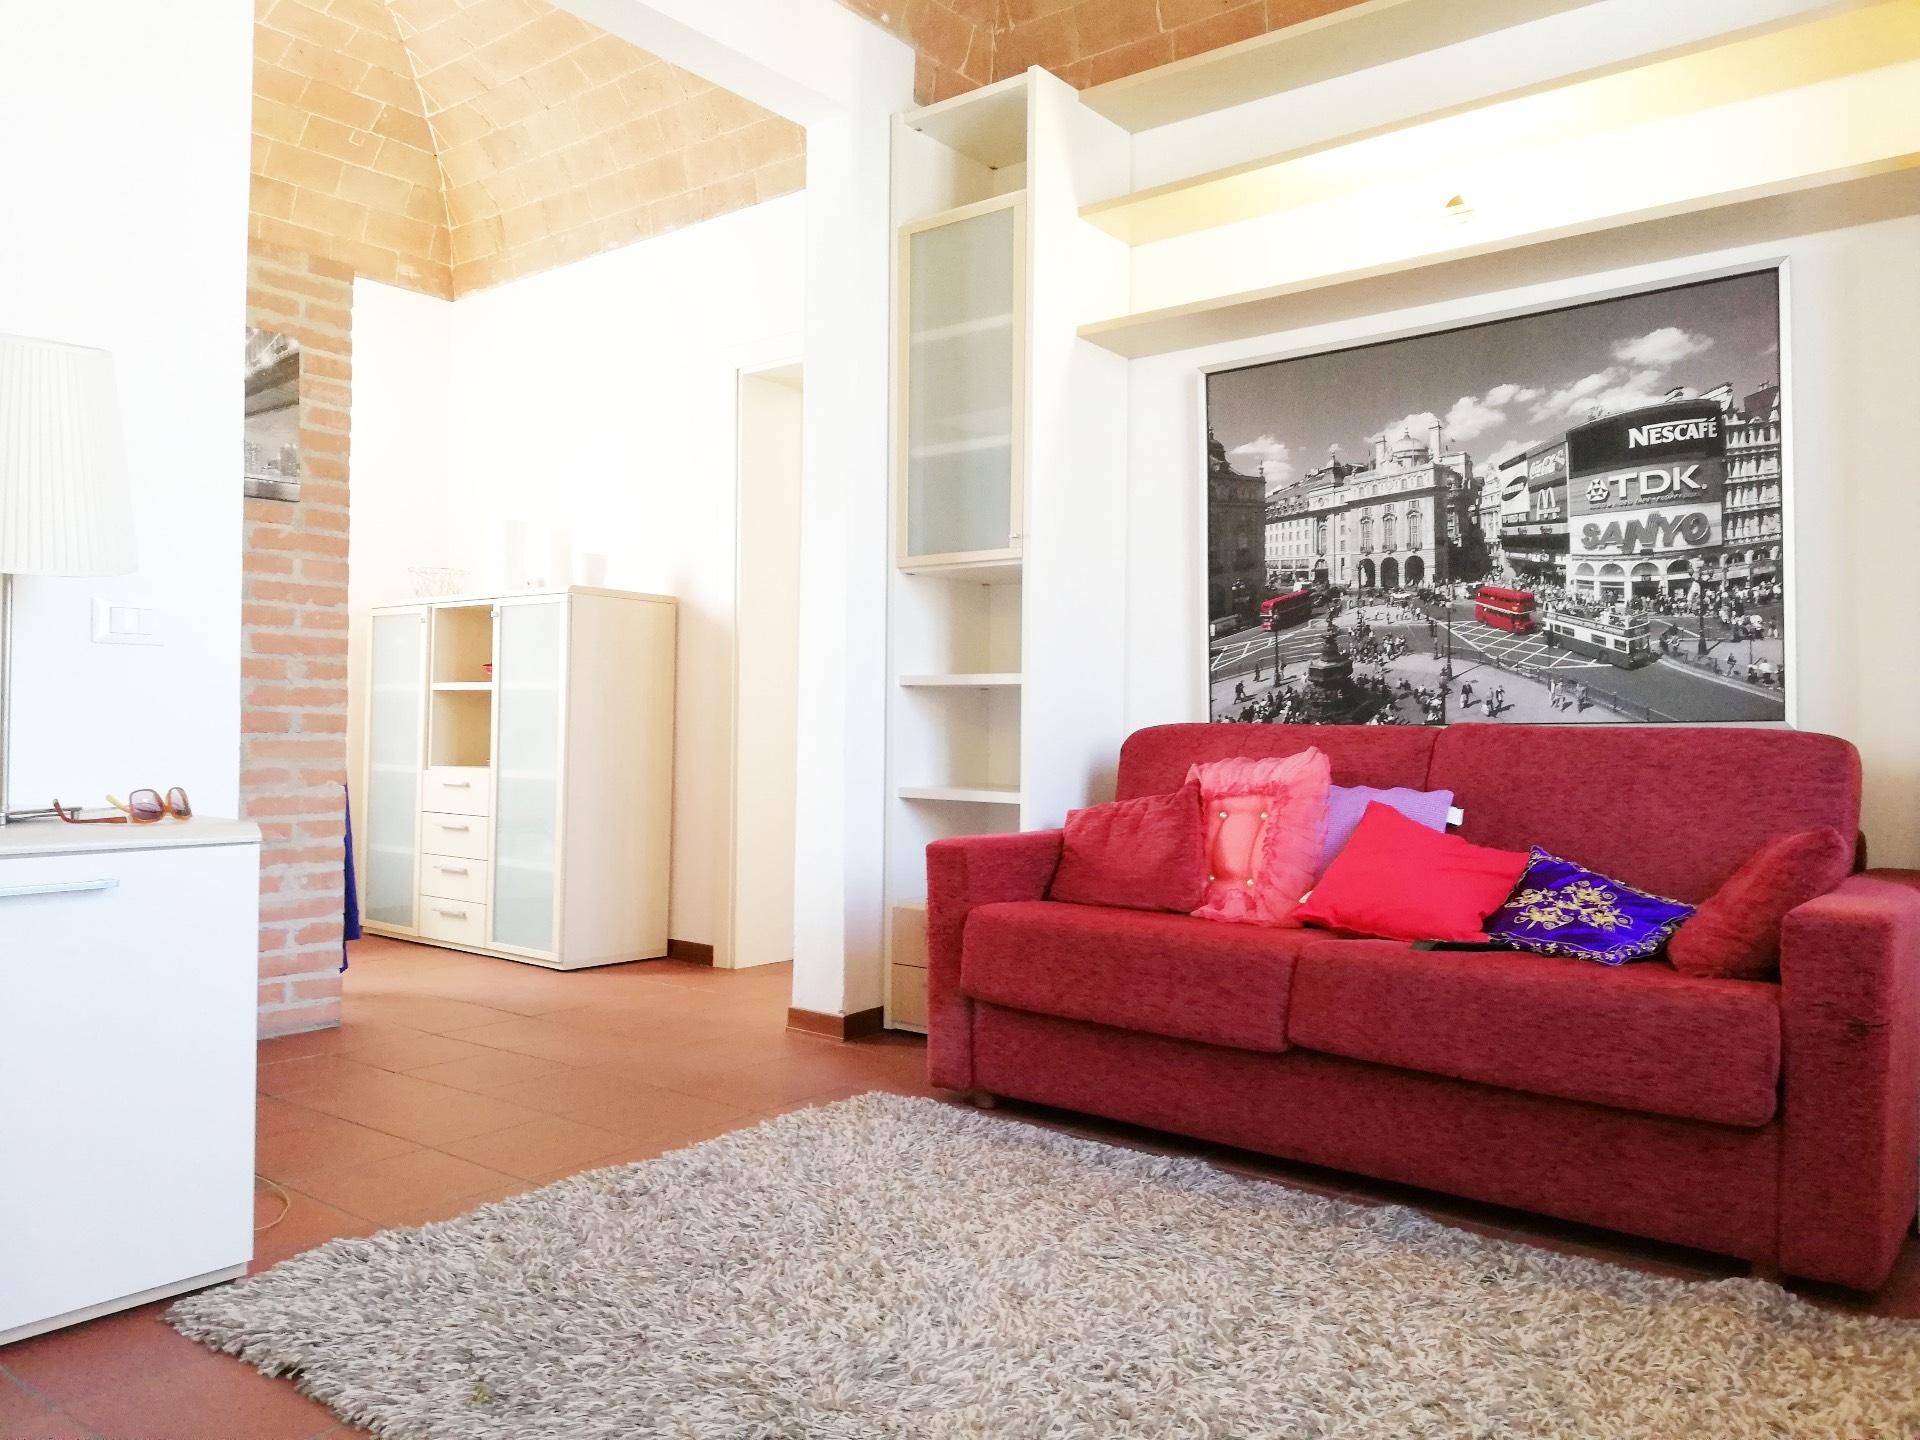 Appartamento in affitto a Pontedera, 4 locali, zona Località: Centro, prezzo € 500 | CambioCasa.it